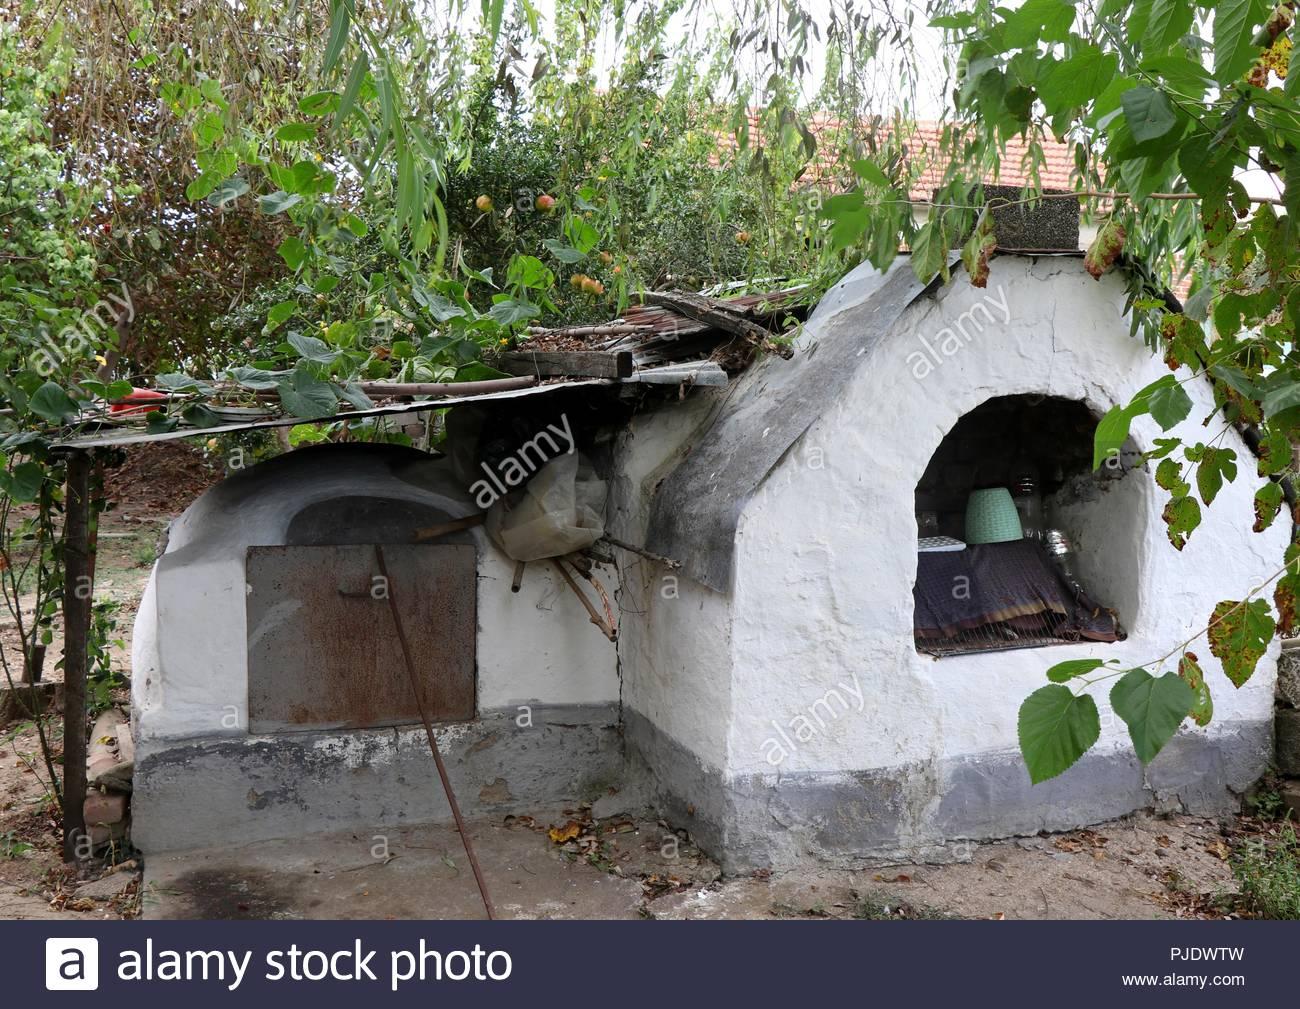 Die Alten Traditionellen Backofen In Einem Garten Von Einem